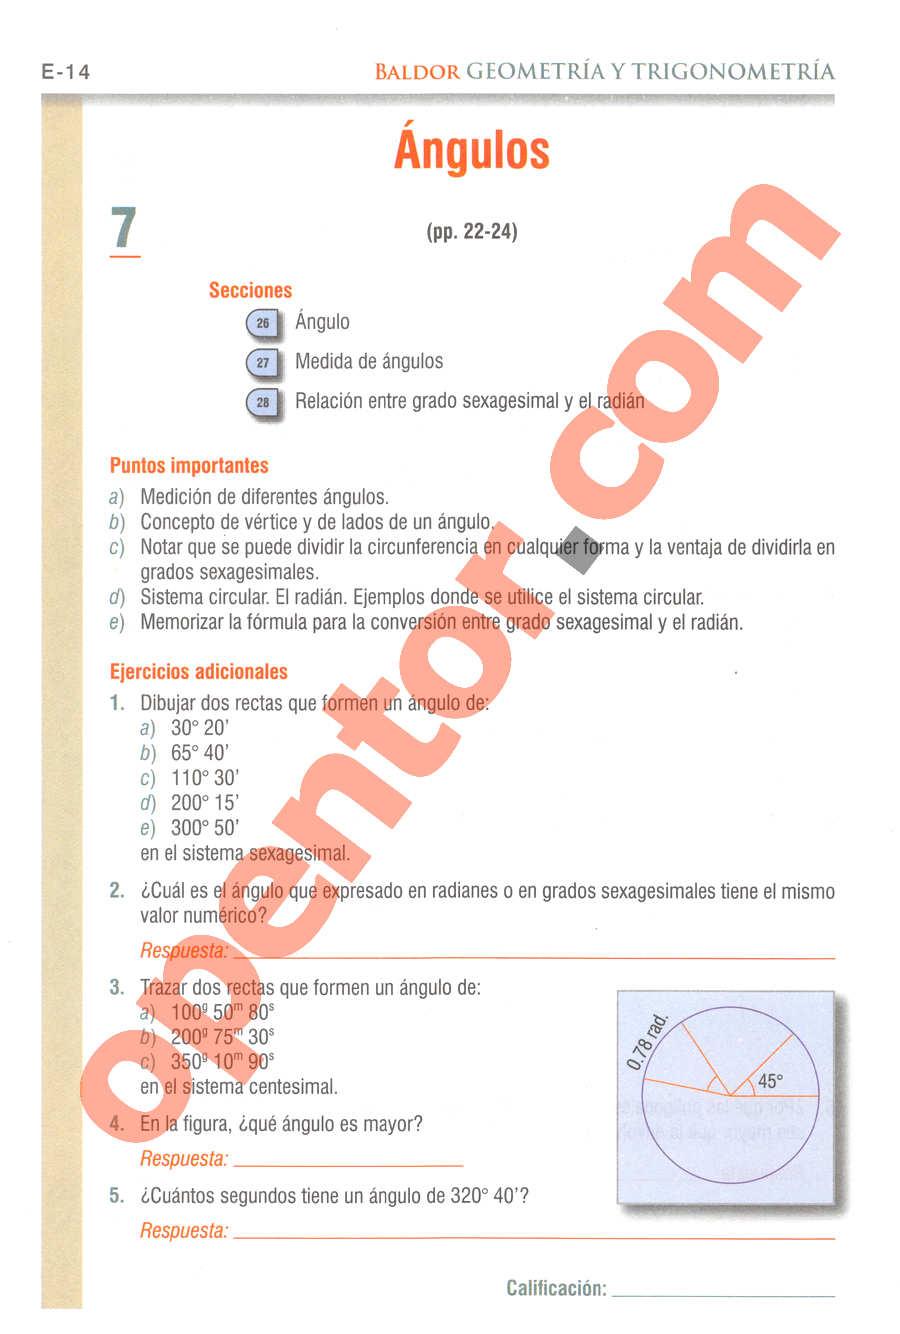 Geometría y Trigonometría de Baldor - Página E14